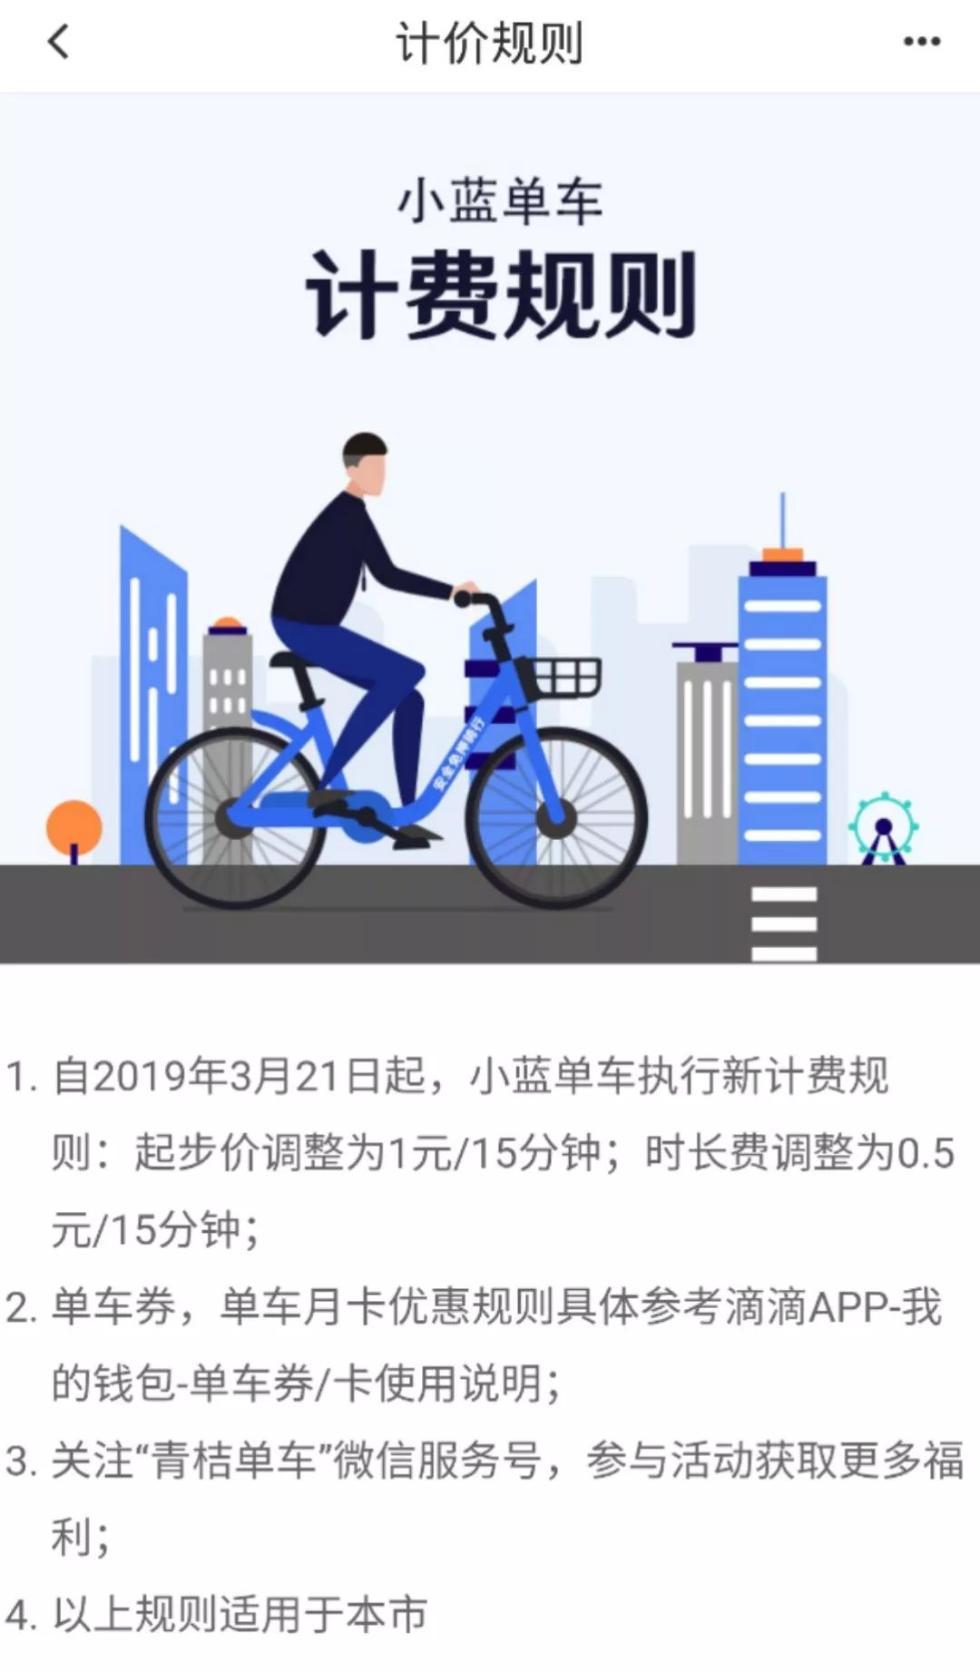 小蓝单车涨价详细新闻介绍?小蓝单车为什么涨价贵了多少?